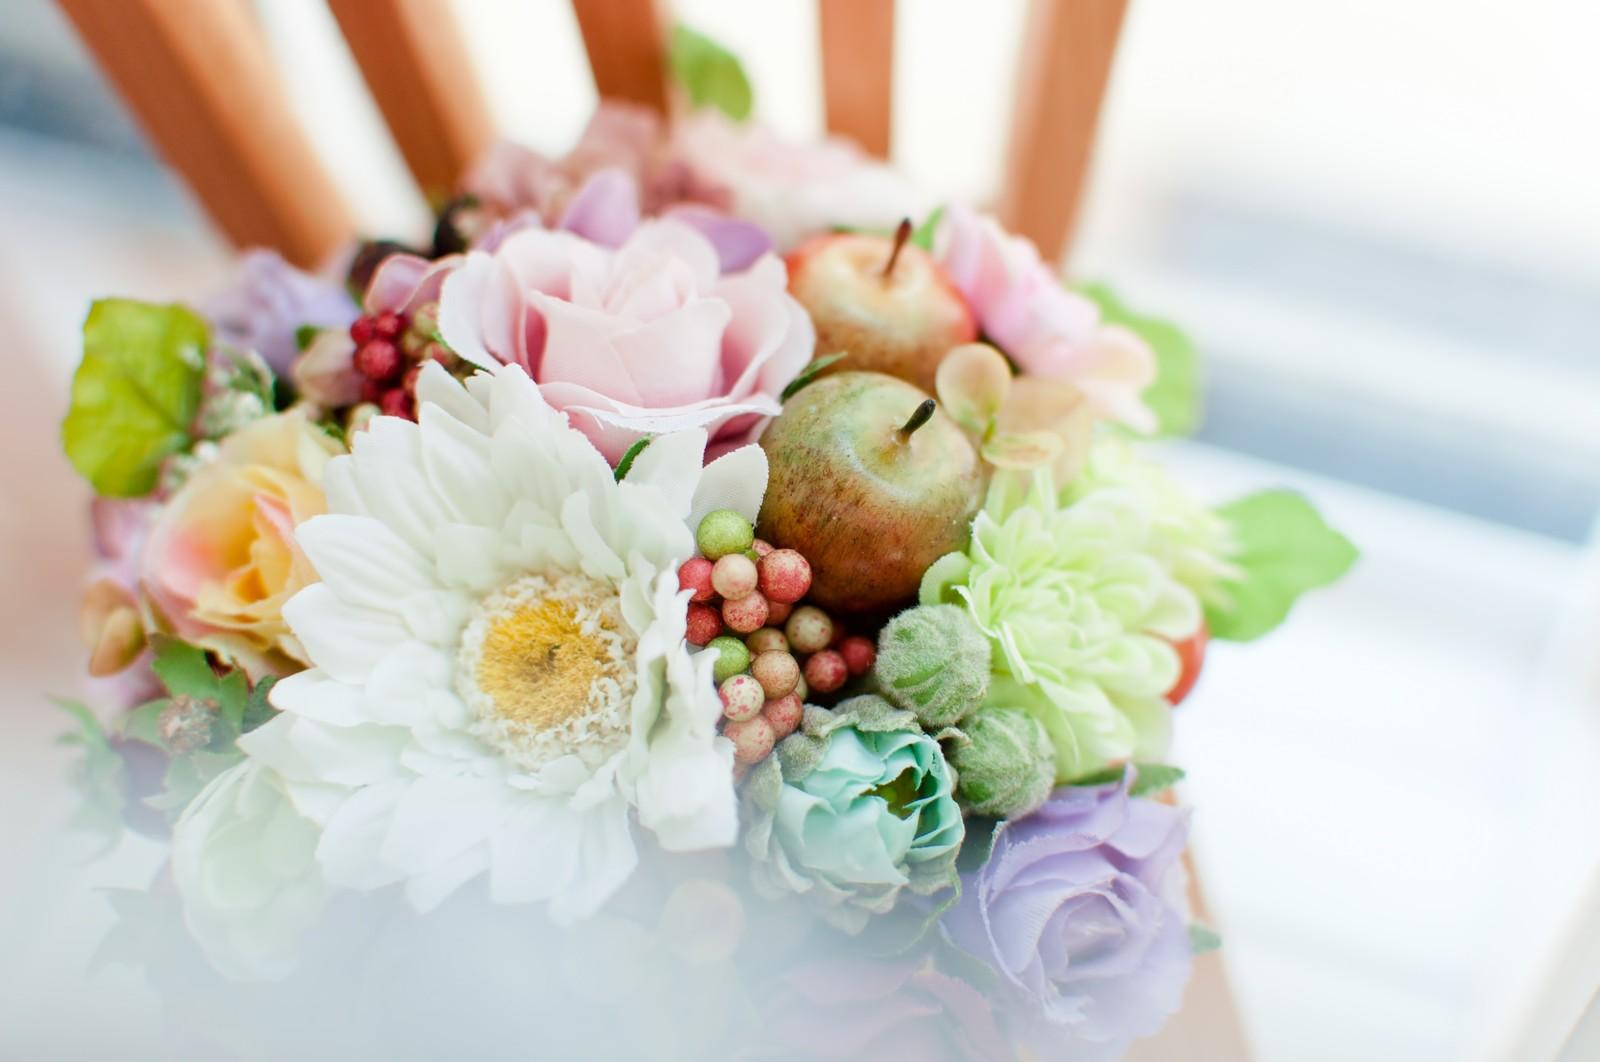 贈り物にはお花を。四季を感じる心豊かな生活と花のある素晴らしさを実感